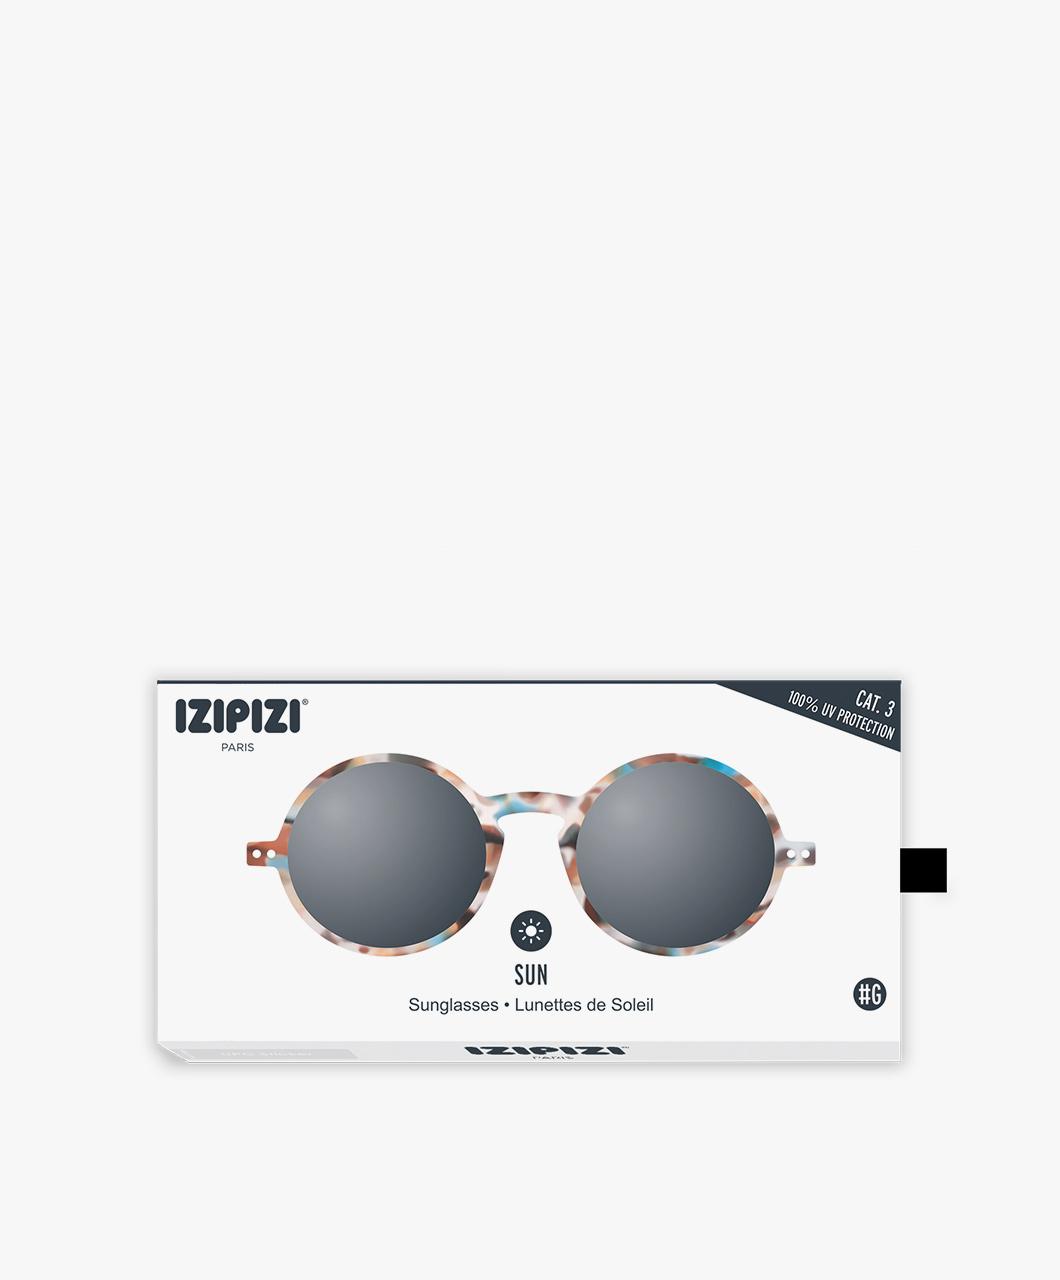 af1ea09fdf IZIPIZI SUN #G Sunglasses - Blue Tortoise/Grey Lenses - sun #g tortoise  lenses